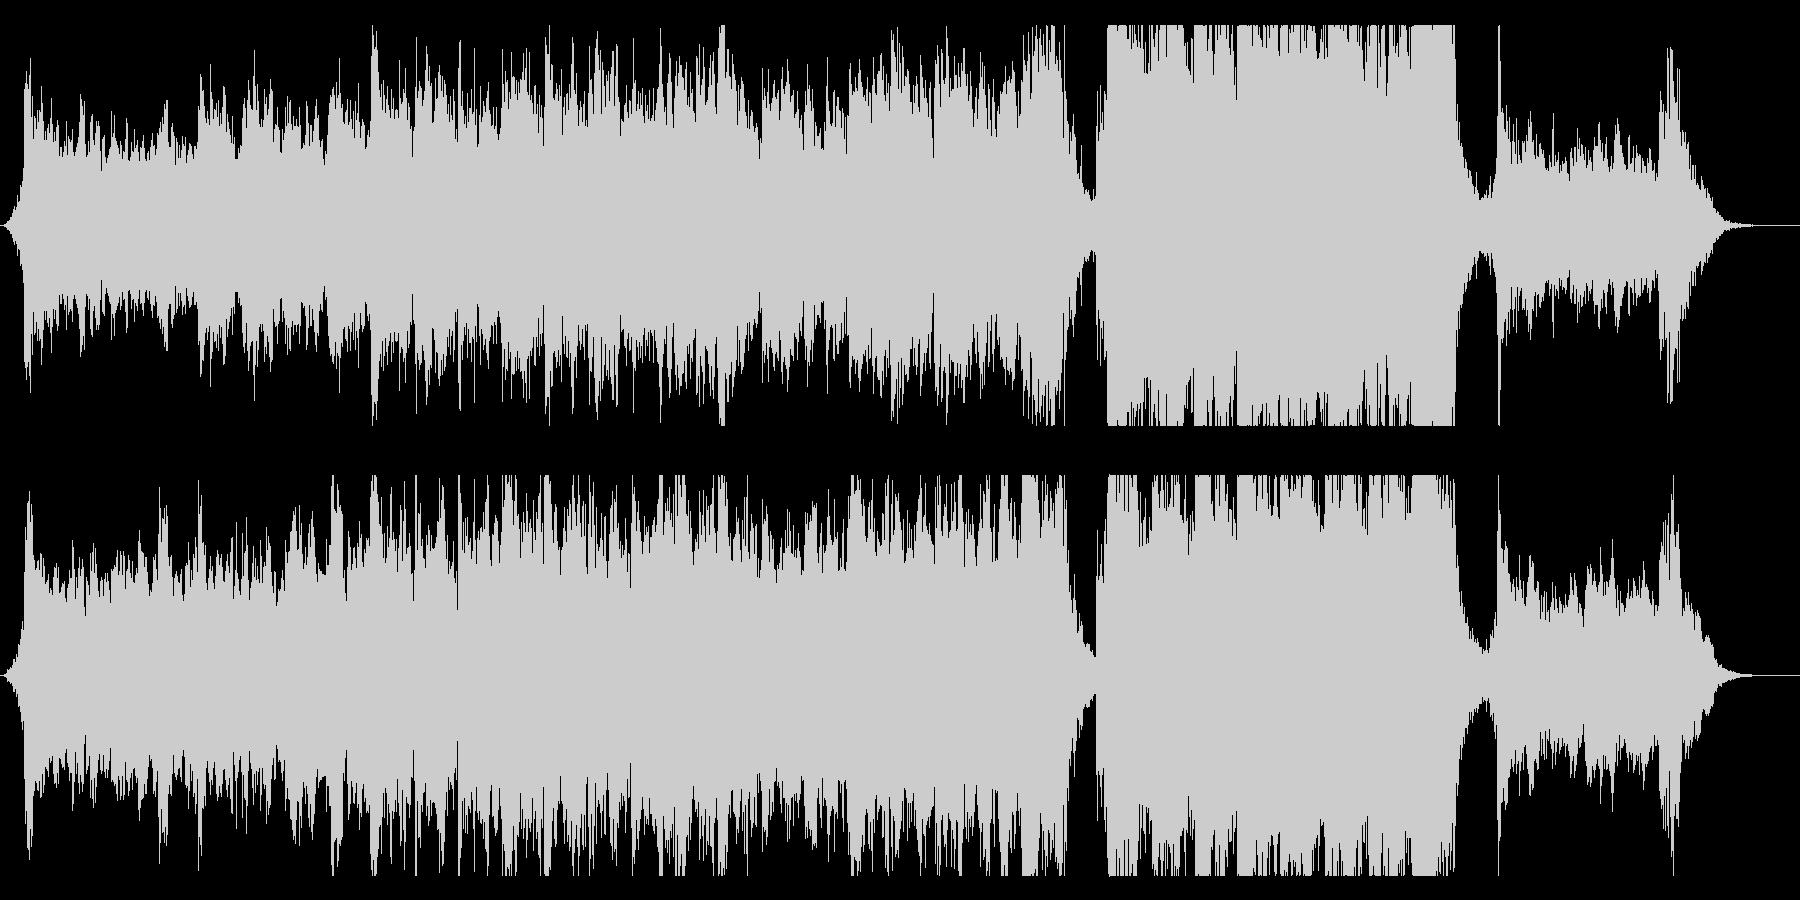 ハリウッド映画風の壮大なオーケストラ7Aの未再生の波形